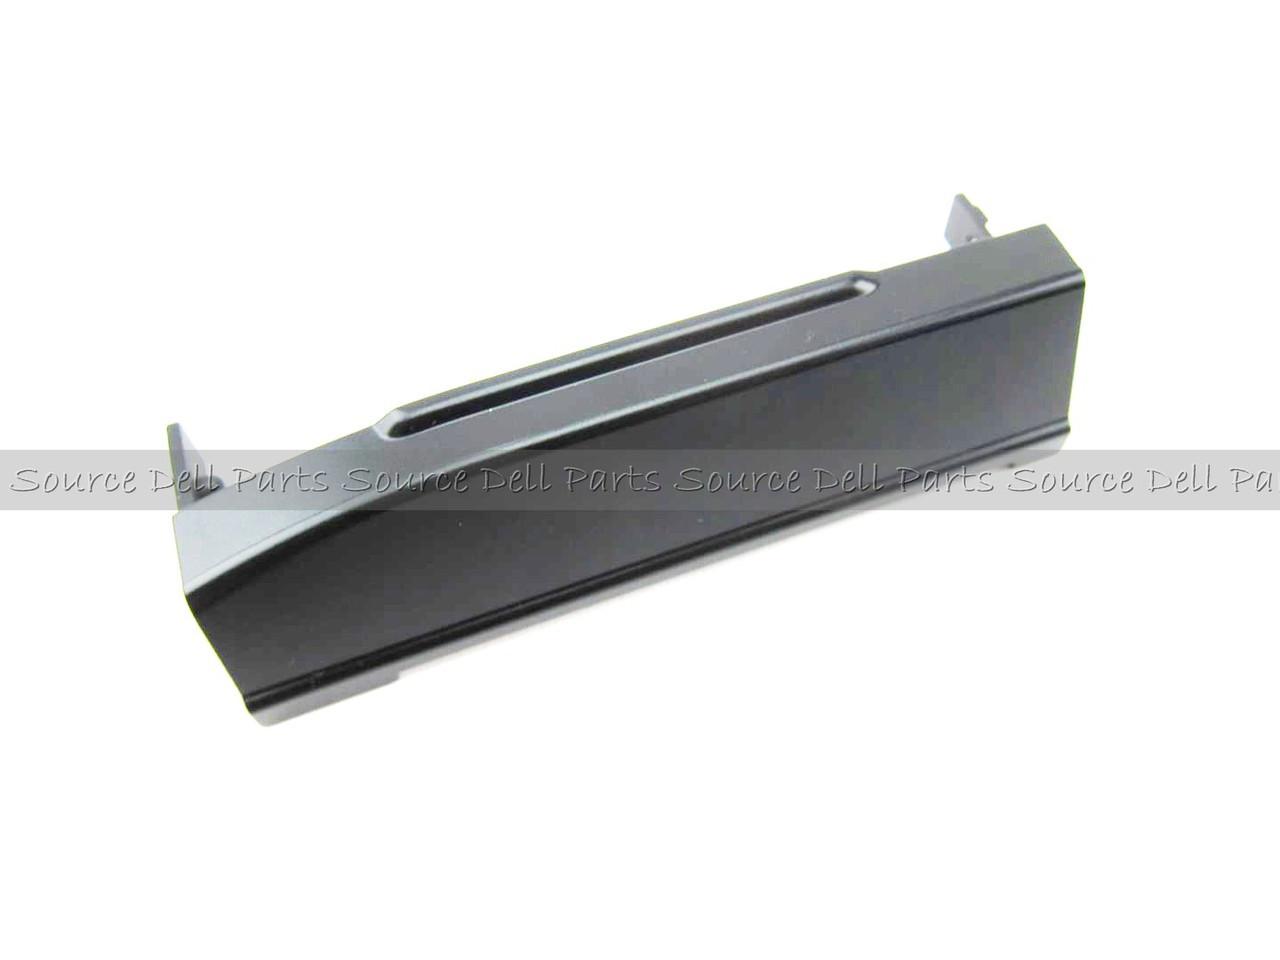 Dell Latitude E6400 E6410 / Precision M2400 Hard Drive Caddy - 1M9KD